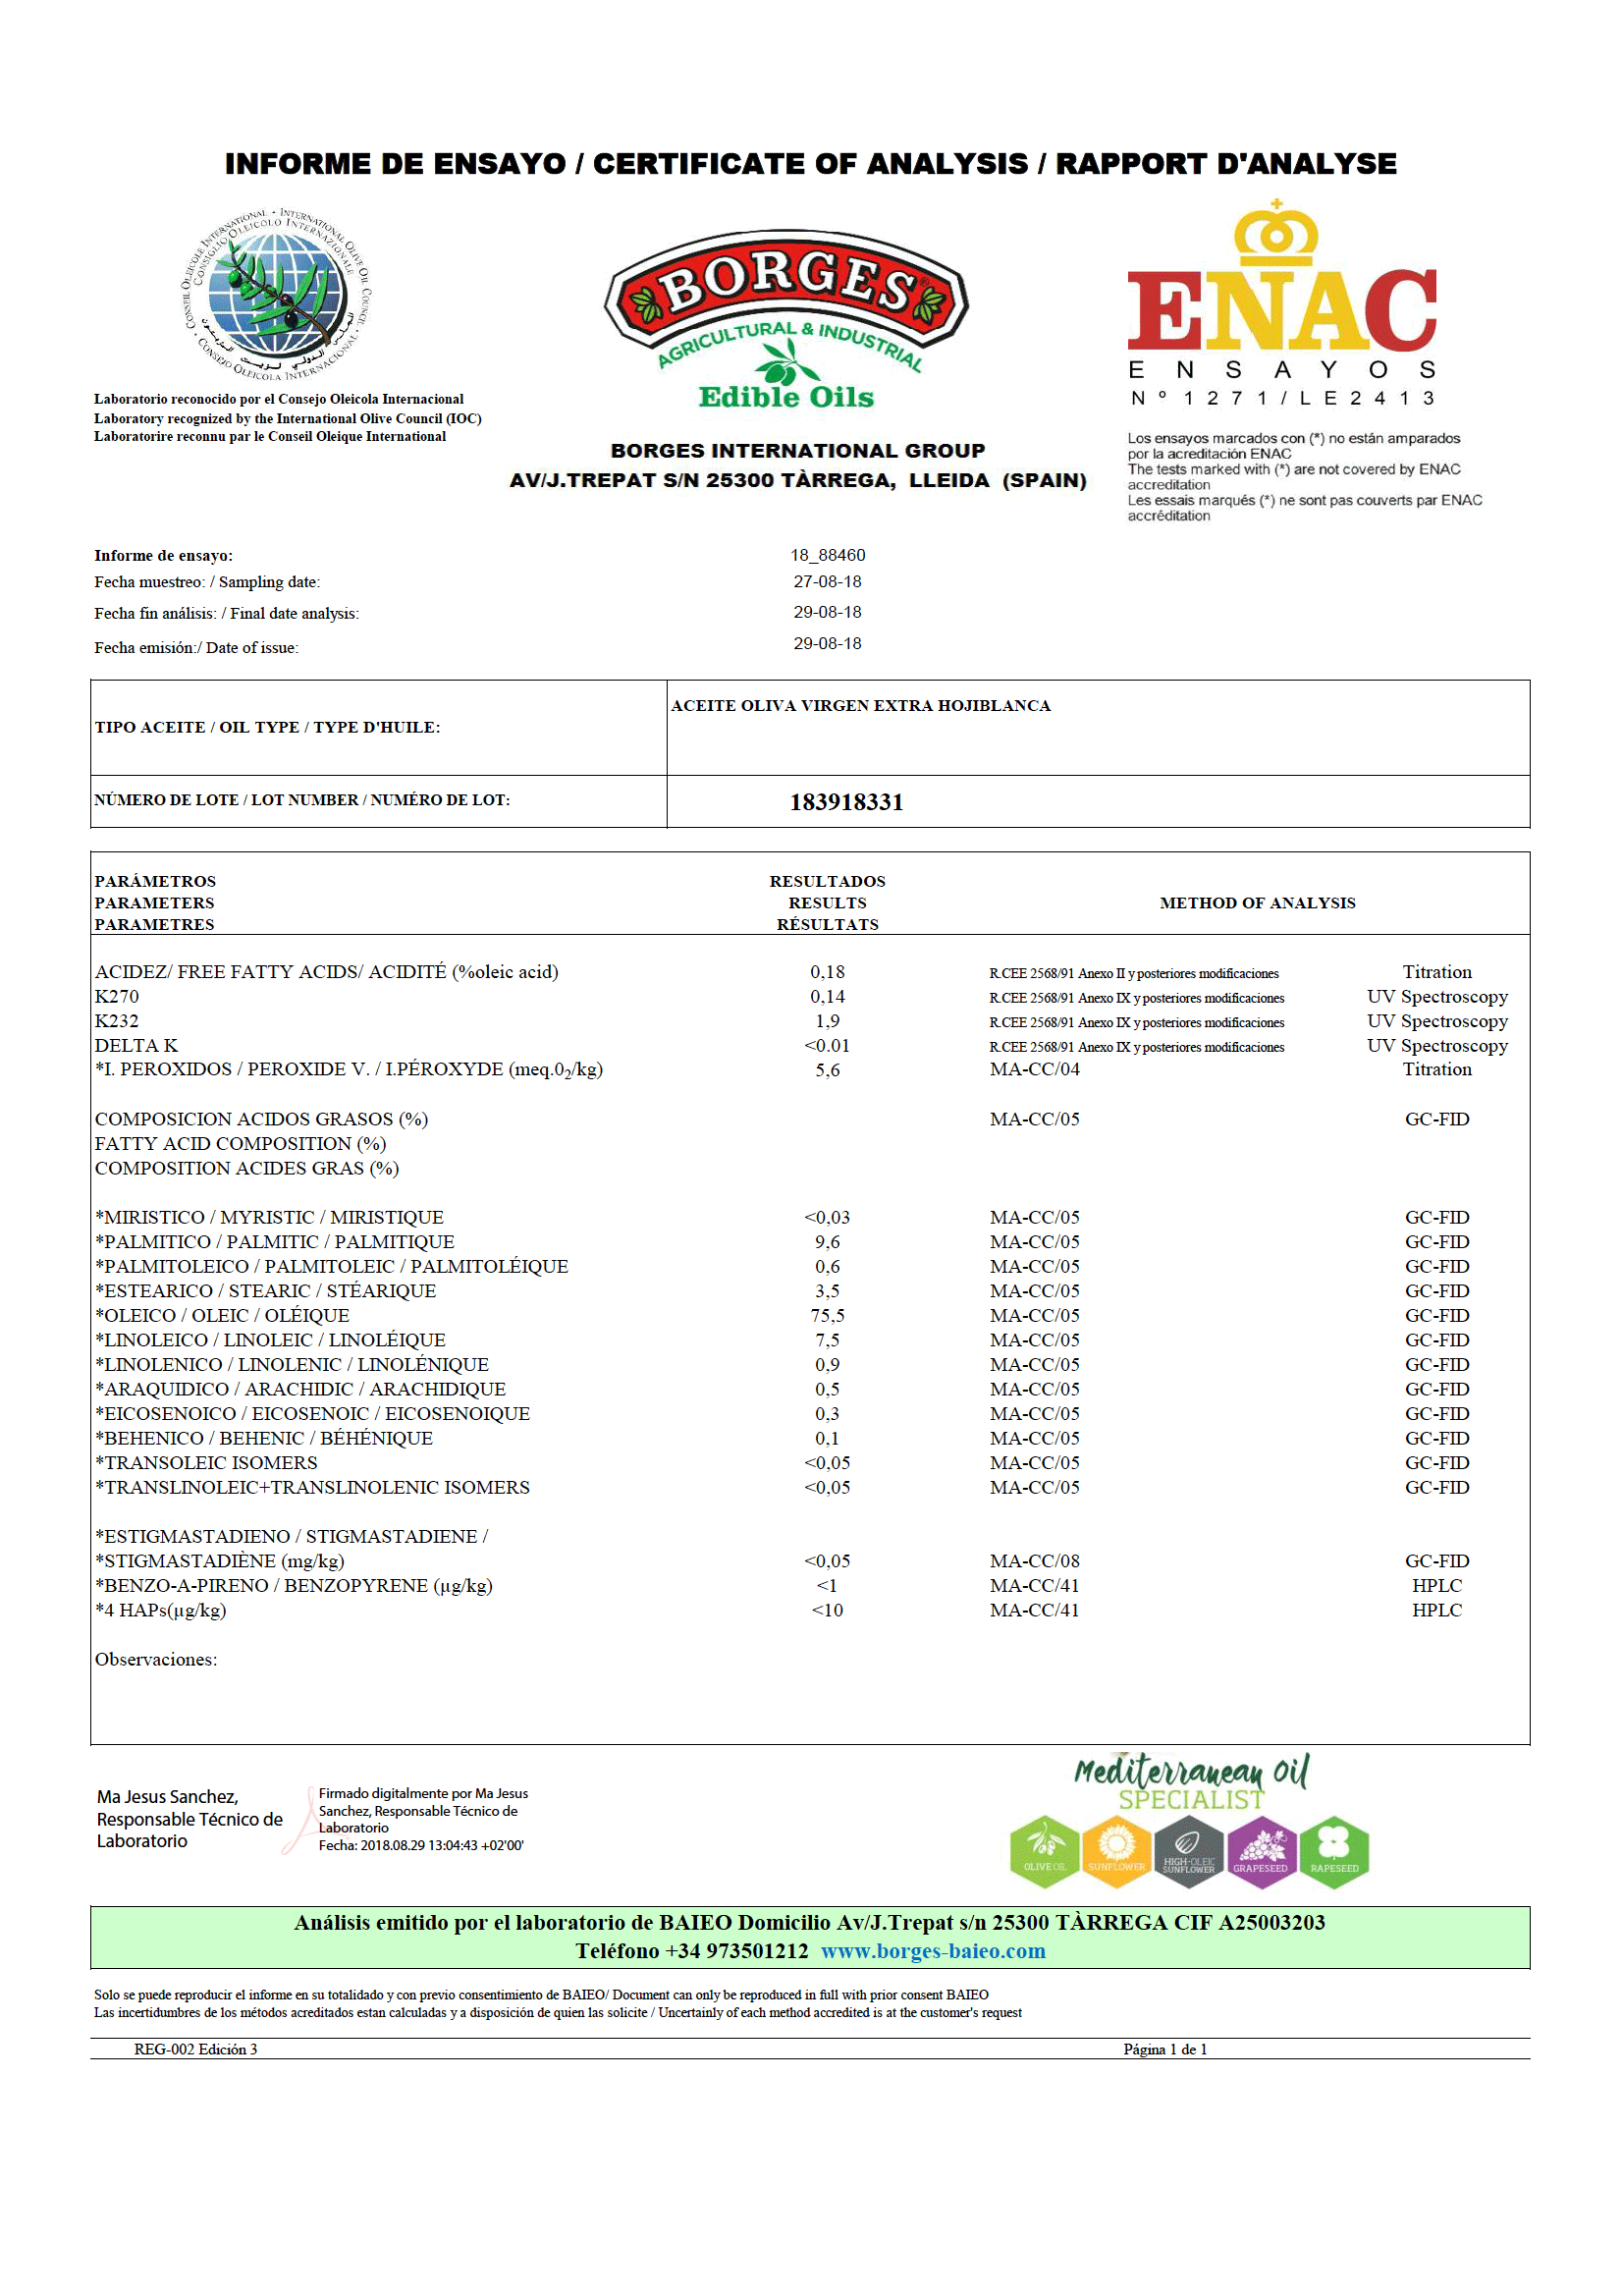 百格仕霍希布蘭卡橄欖油 酸度0.18